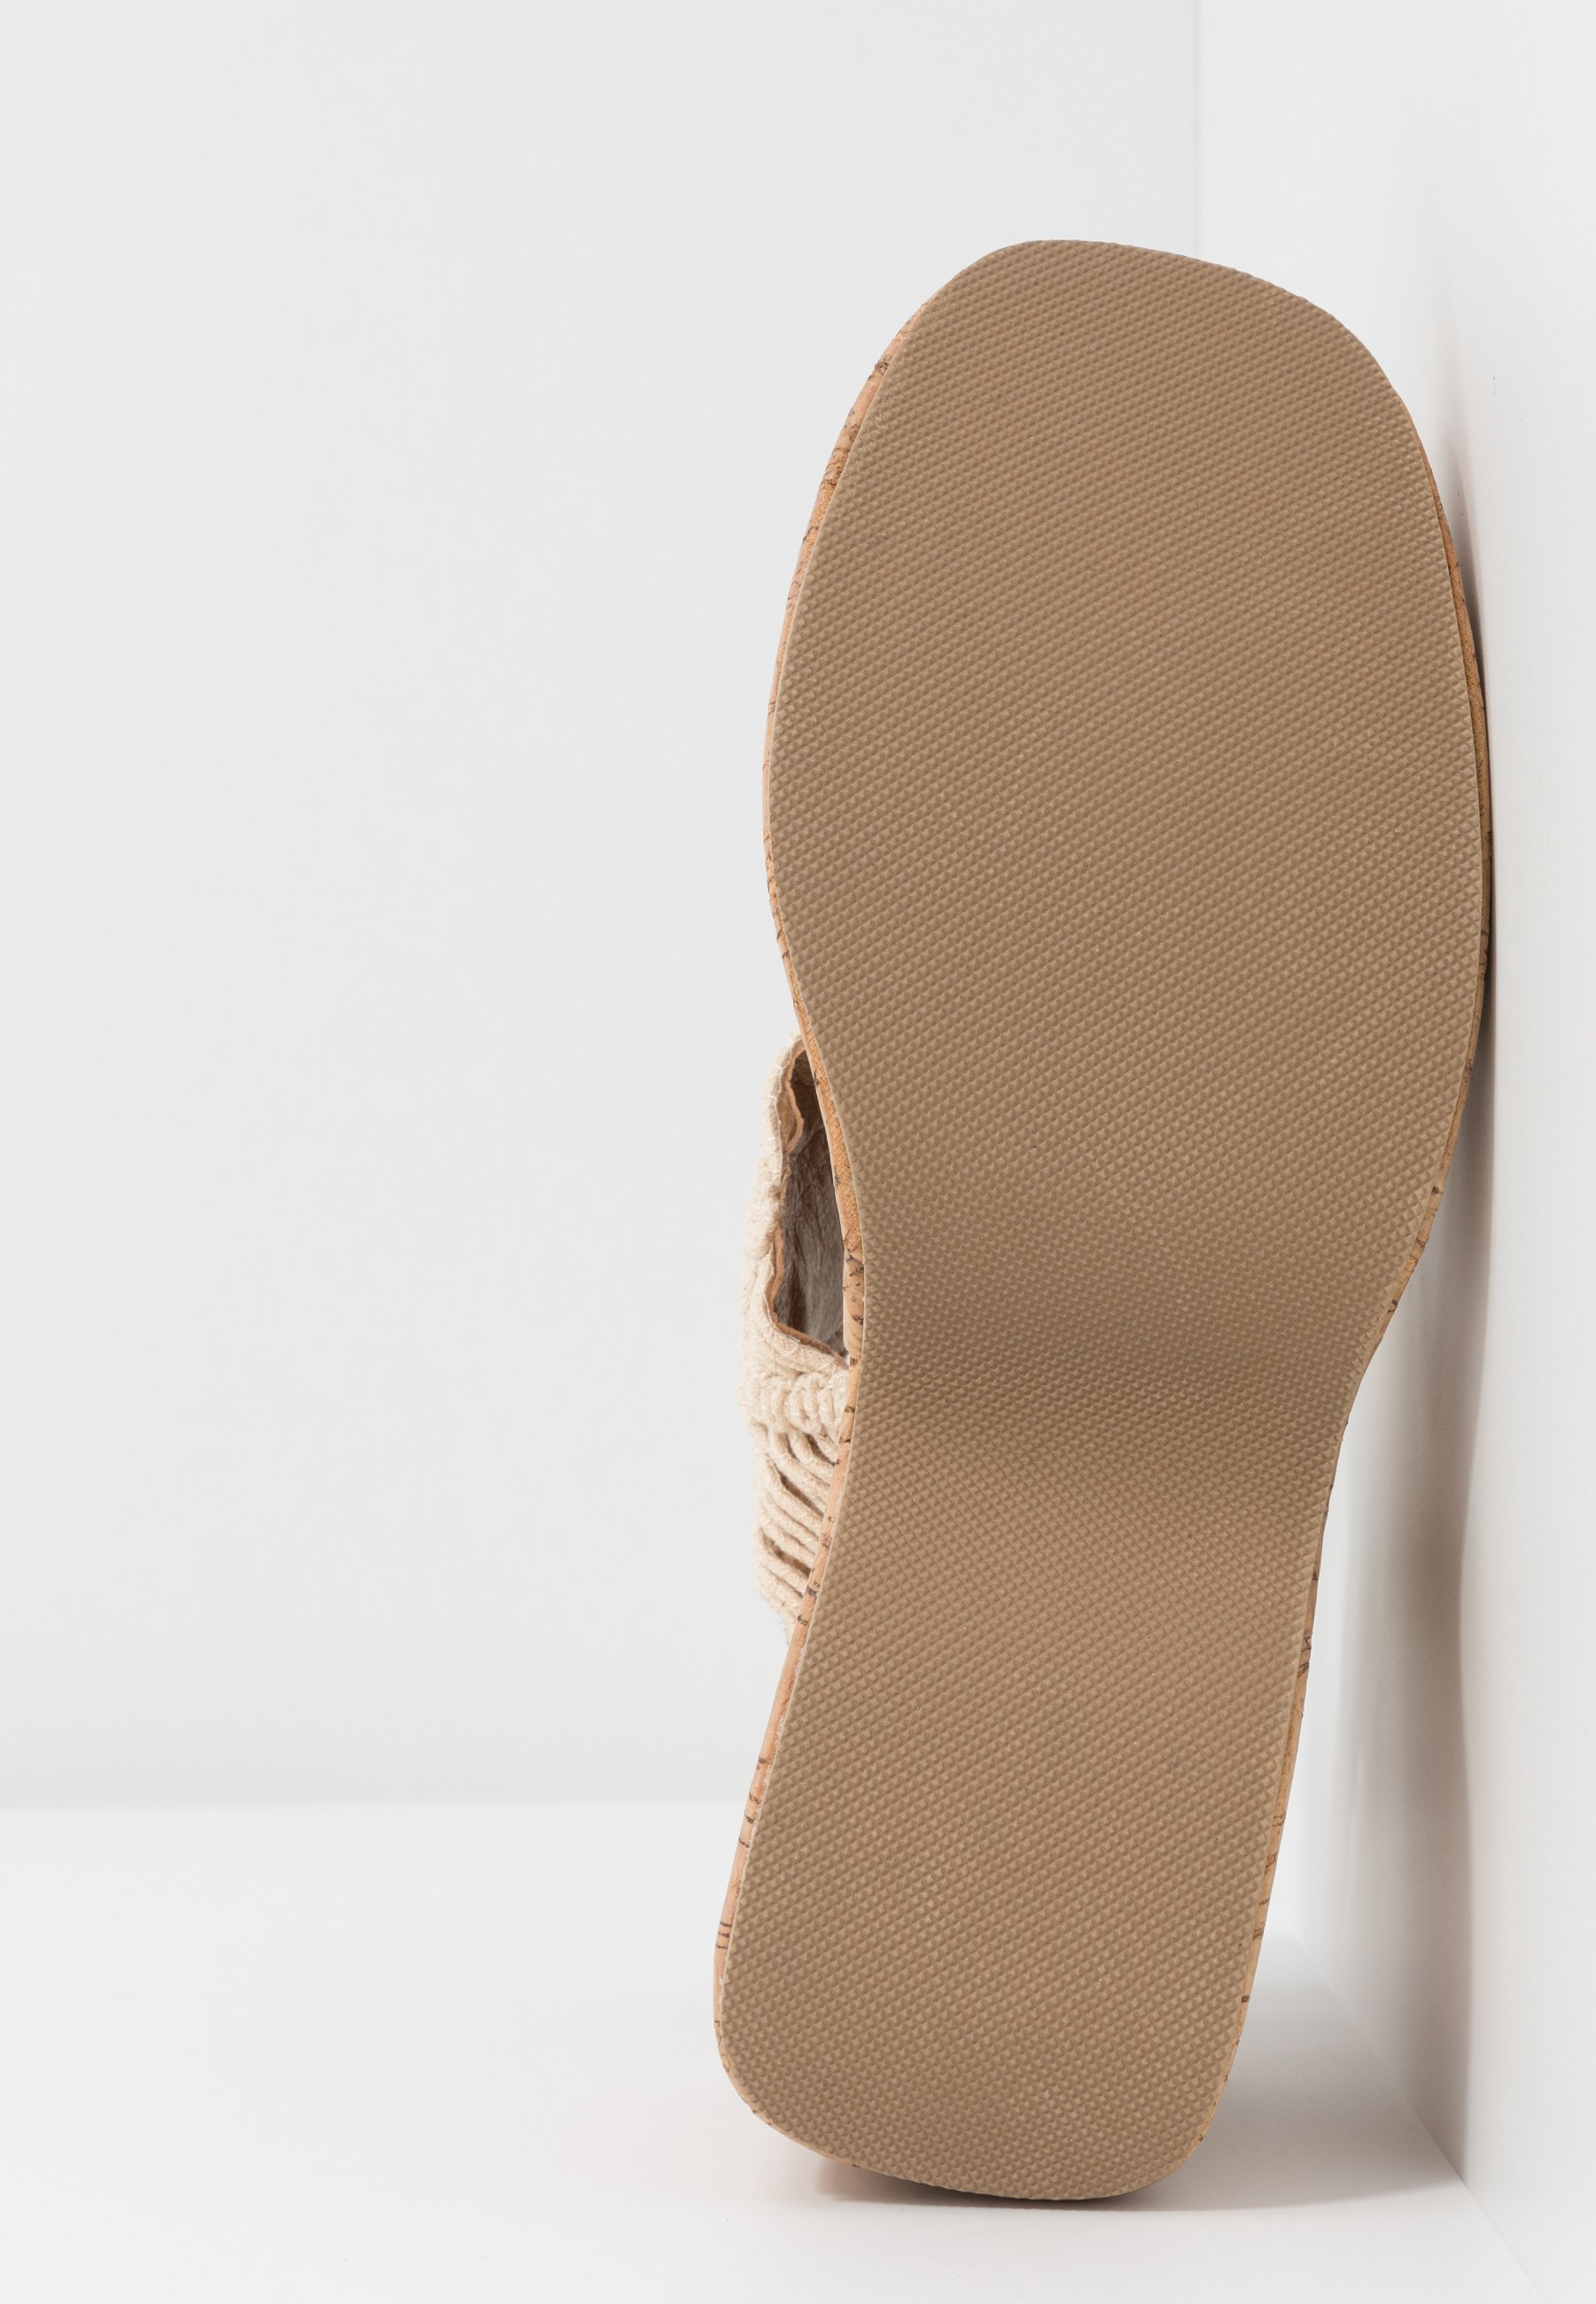 Sixtyseven NOISE - Sandales à talons hauts - beige/tan - Sandales & Nu-pieds femme Nouveau